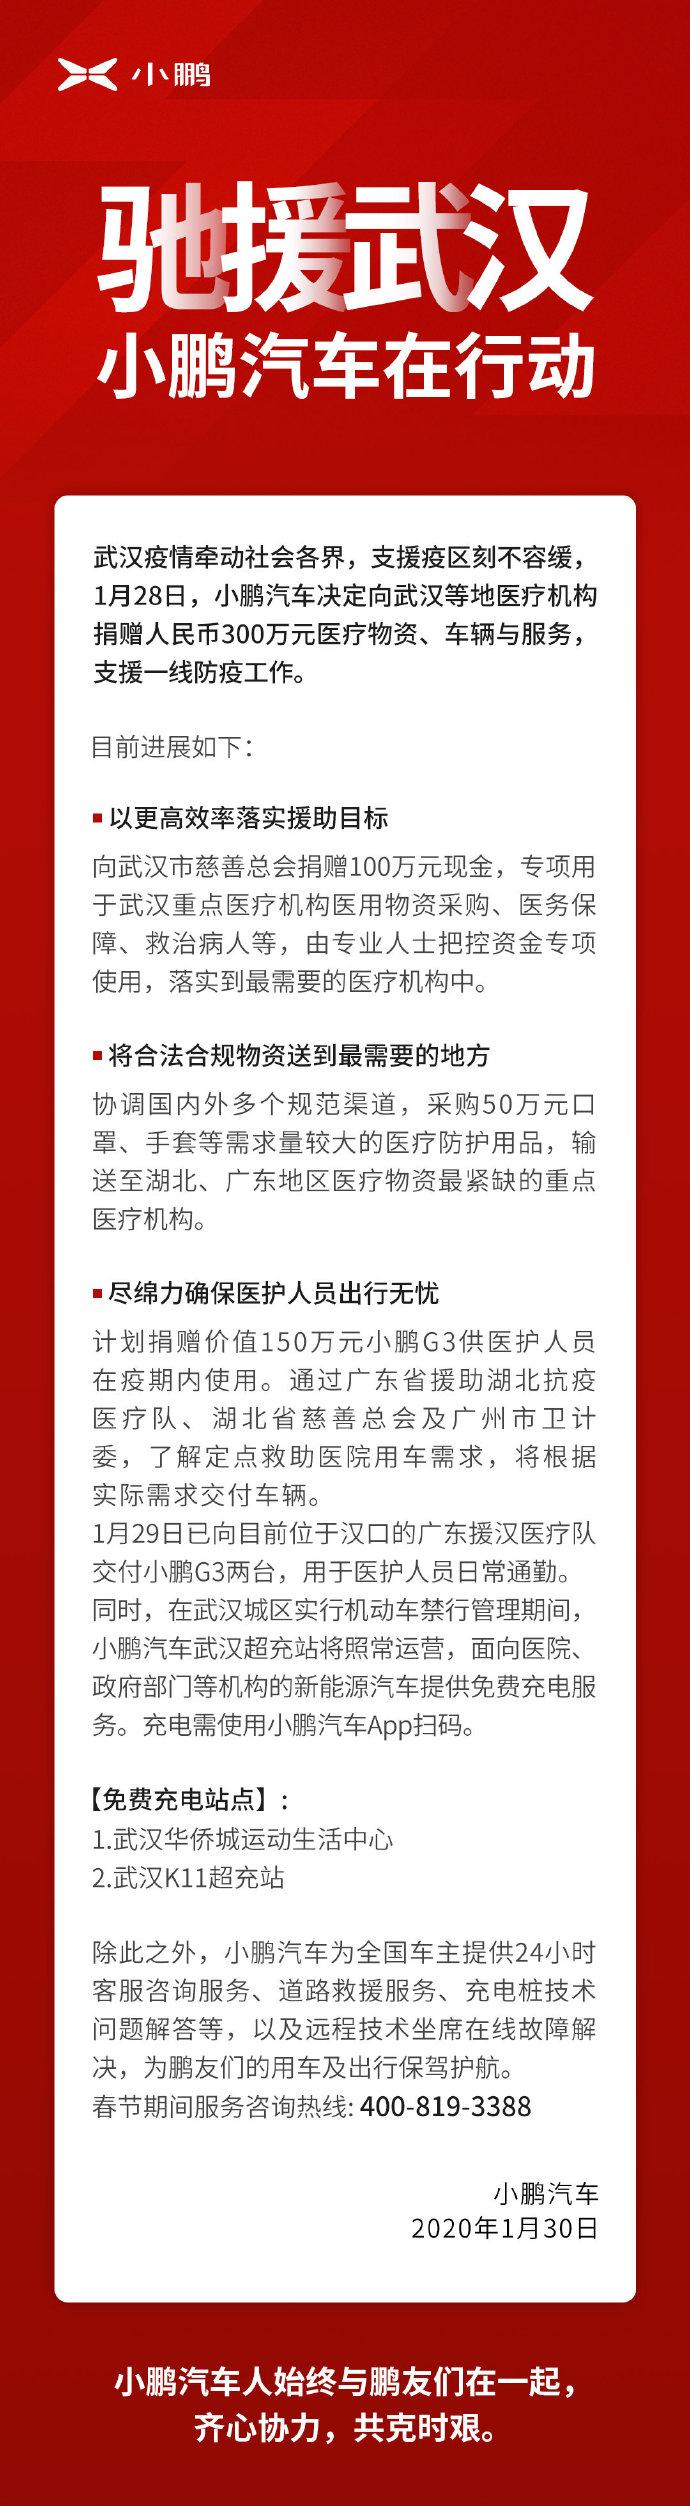 小鹏汽车向武汉等地医疗机构捐赠人民币 300 万元医疗物资、车辆与服务